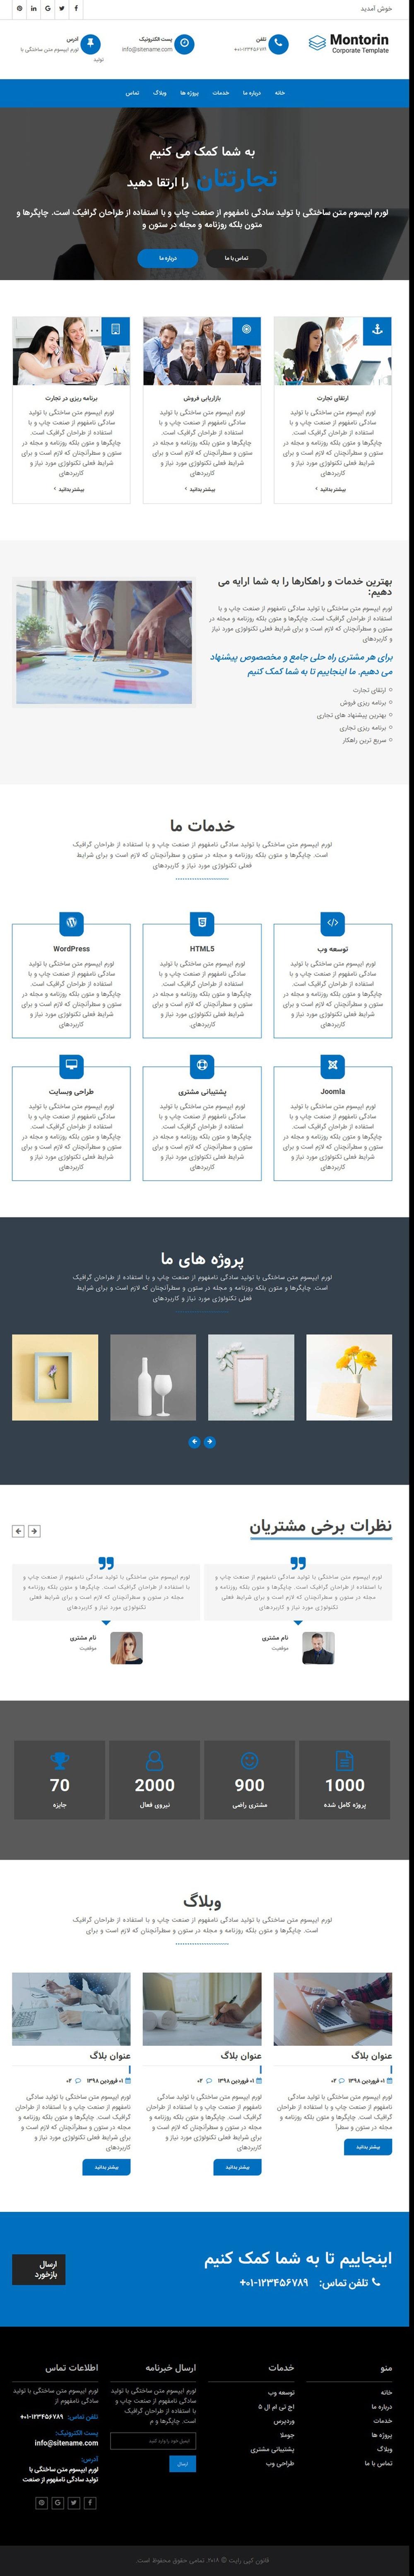 قالب HTML شرکتی Montorin دارای 21 صفحه مجزا